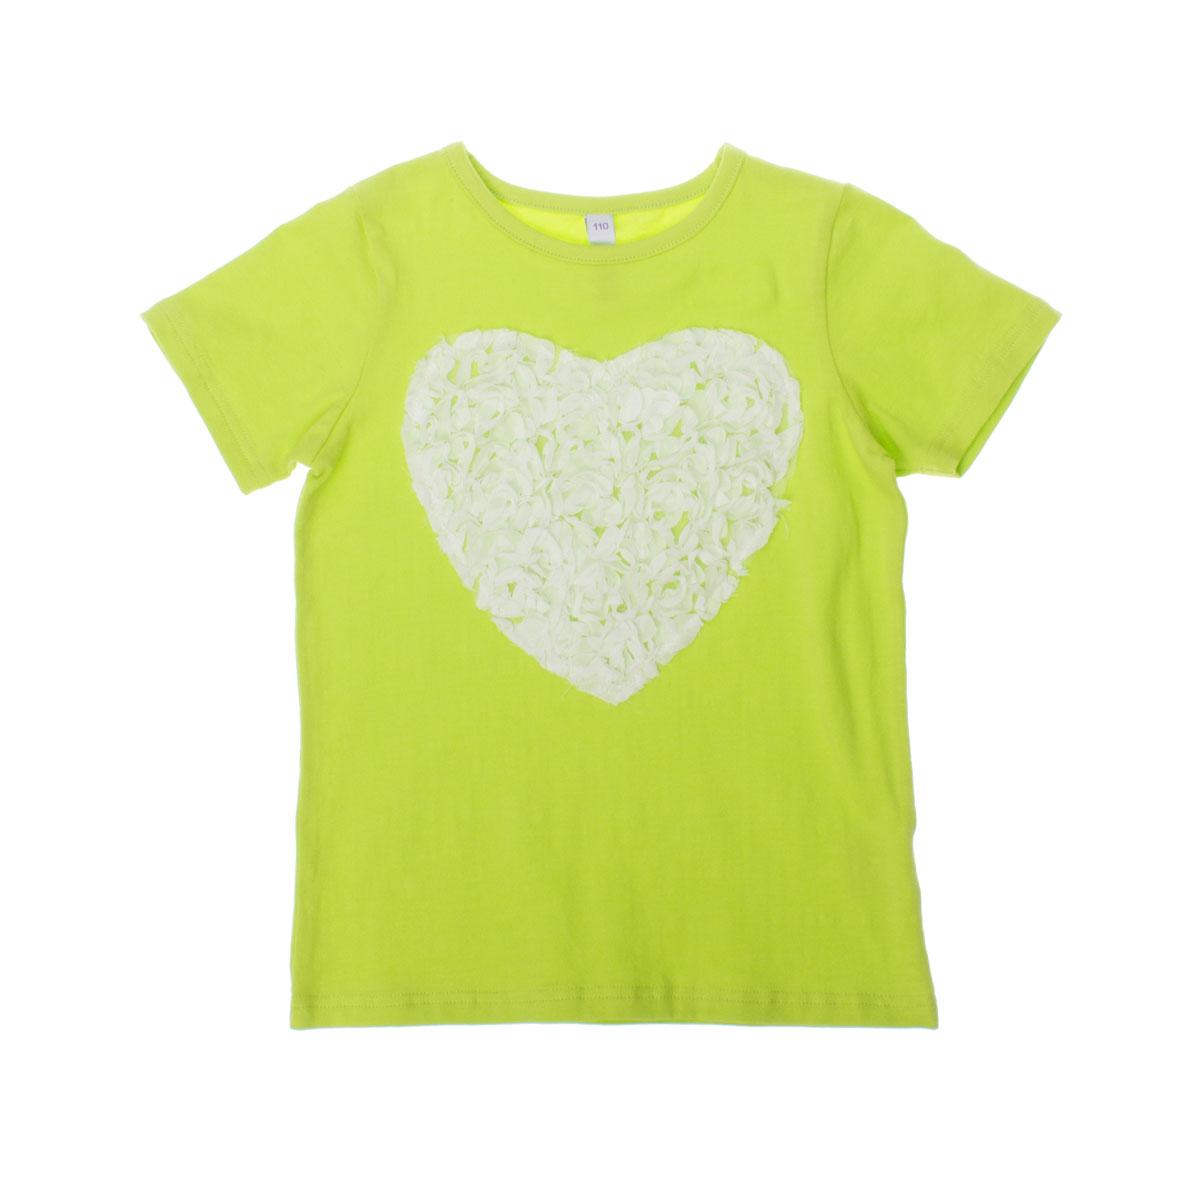 Футболка для девочек. 262010262010Мягкая хлопковая футболка салатового цвета. Украшена кружевным сердечком.